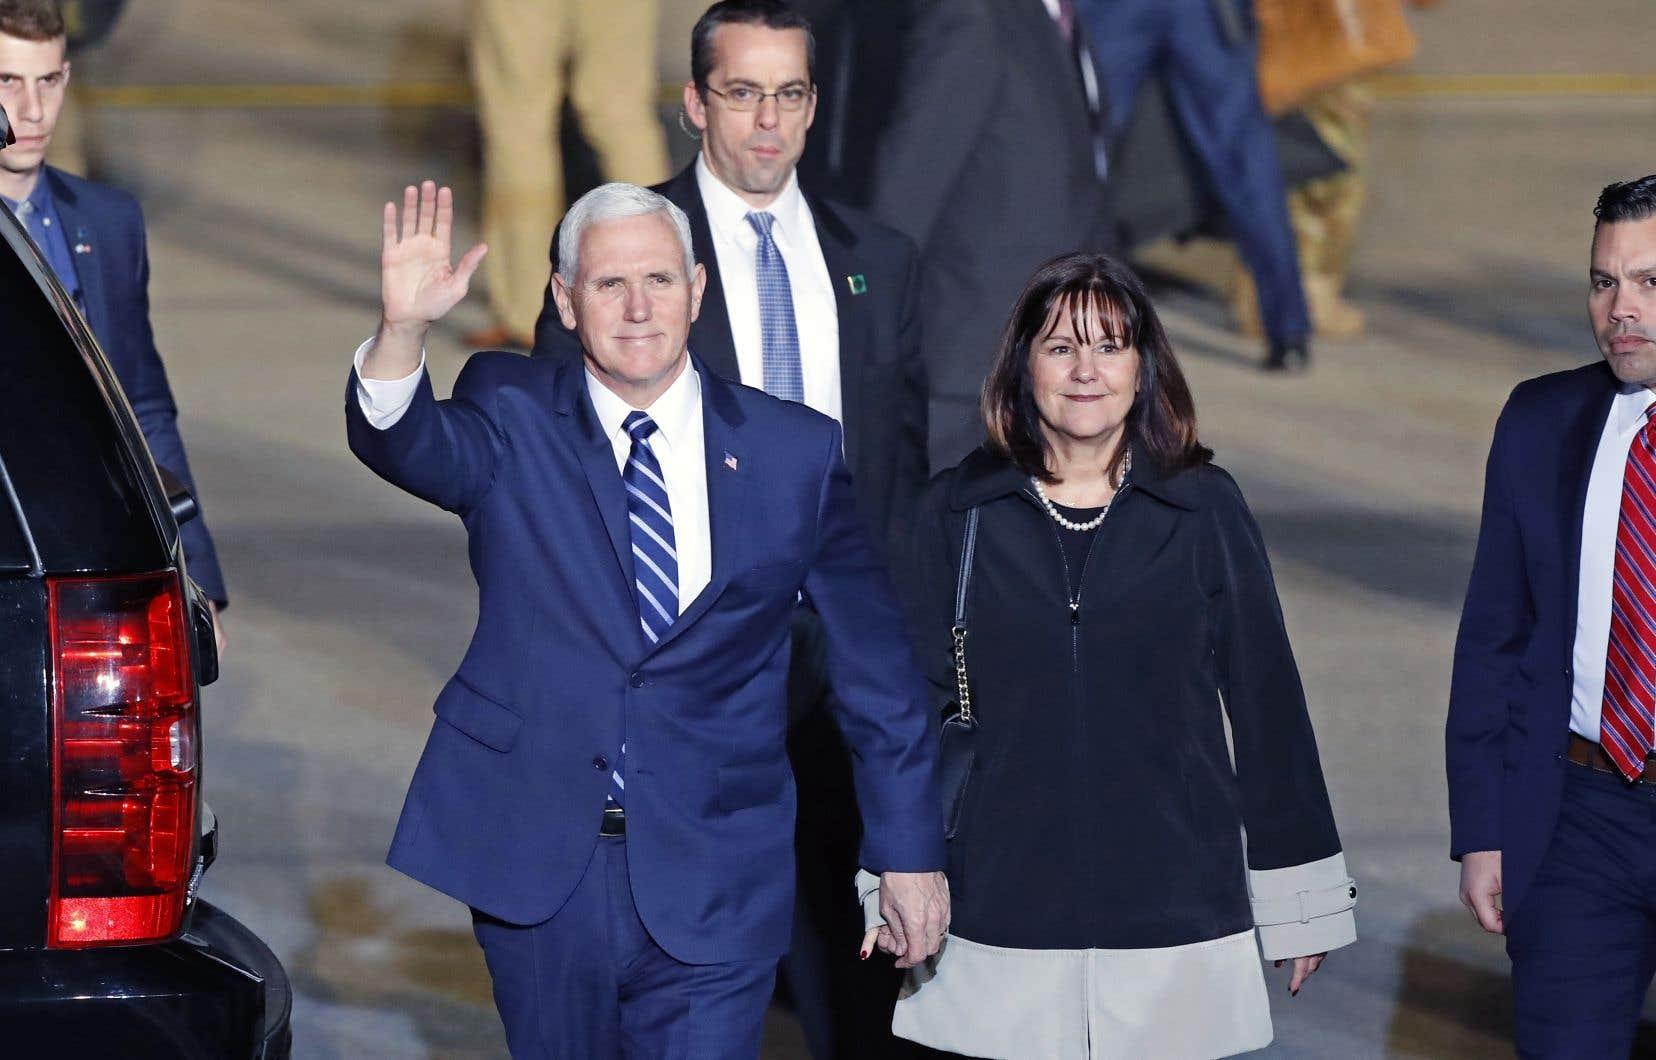 Mike Pence aux côtés de son épouse lors de son arrivée à l'aéroport de Tel-Aviv, dimanche